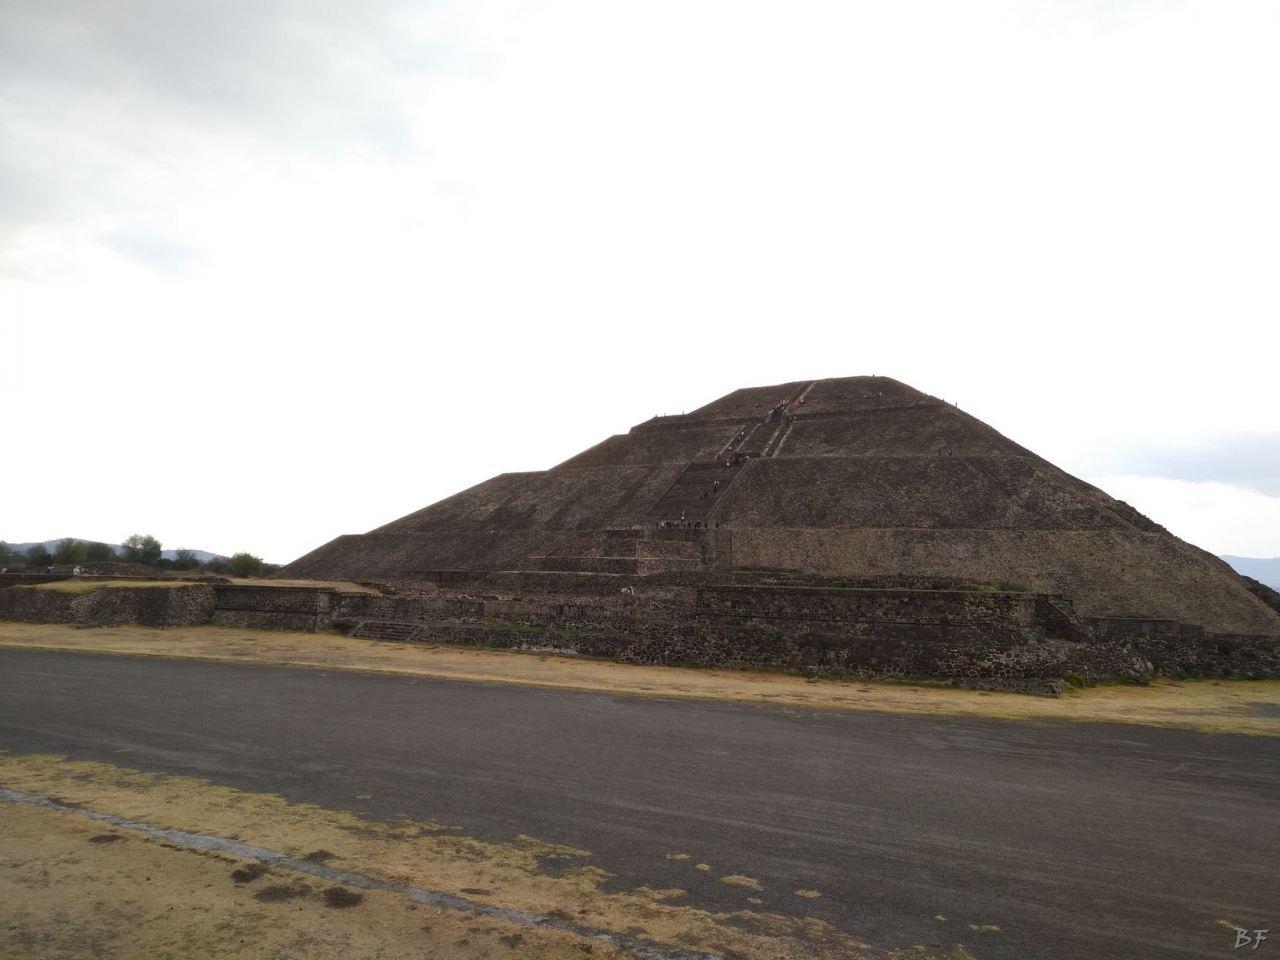 Teotihuacan-Piramide-Tempio-Messico-35